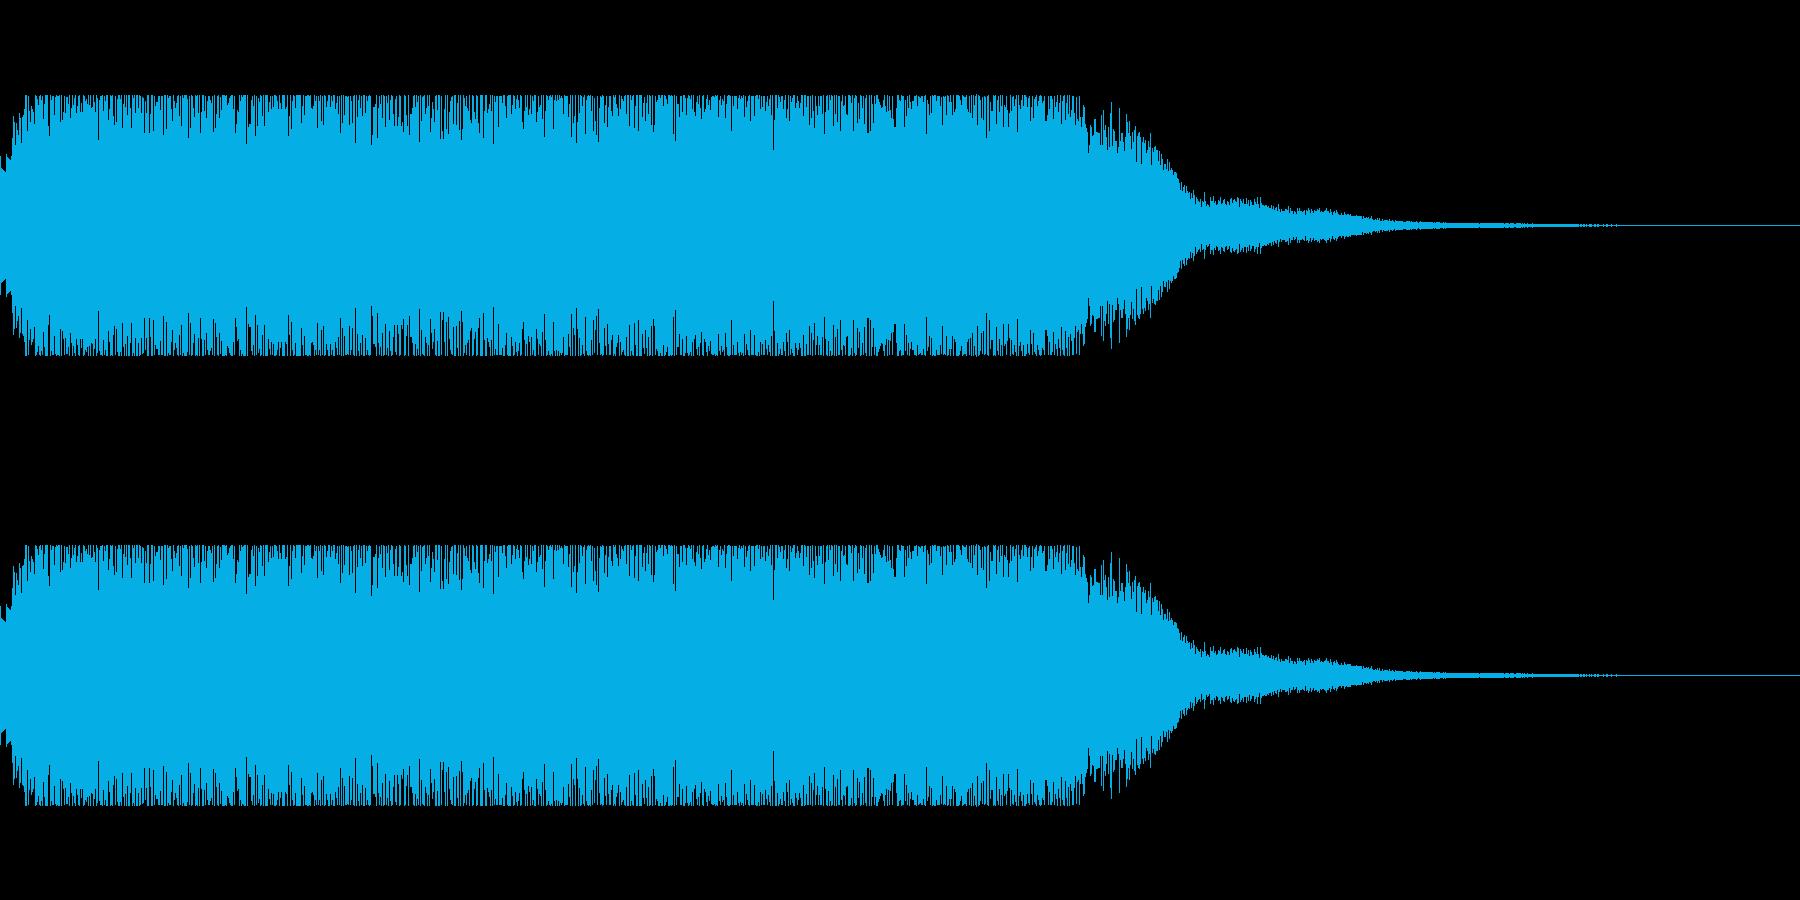 発車メロディー3の再生済みの波形